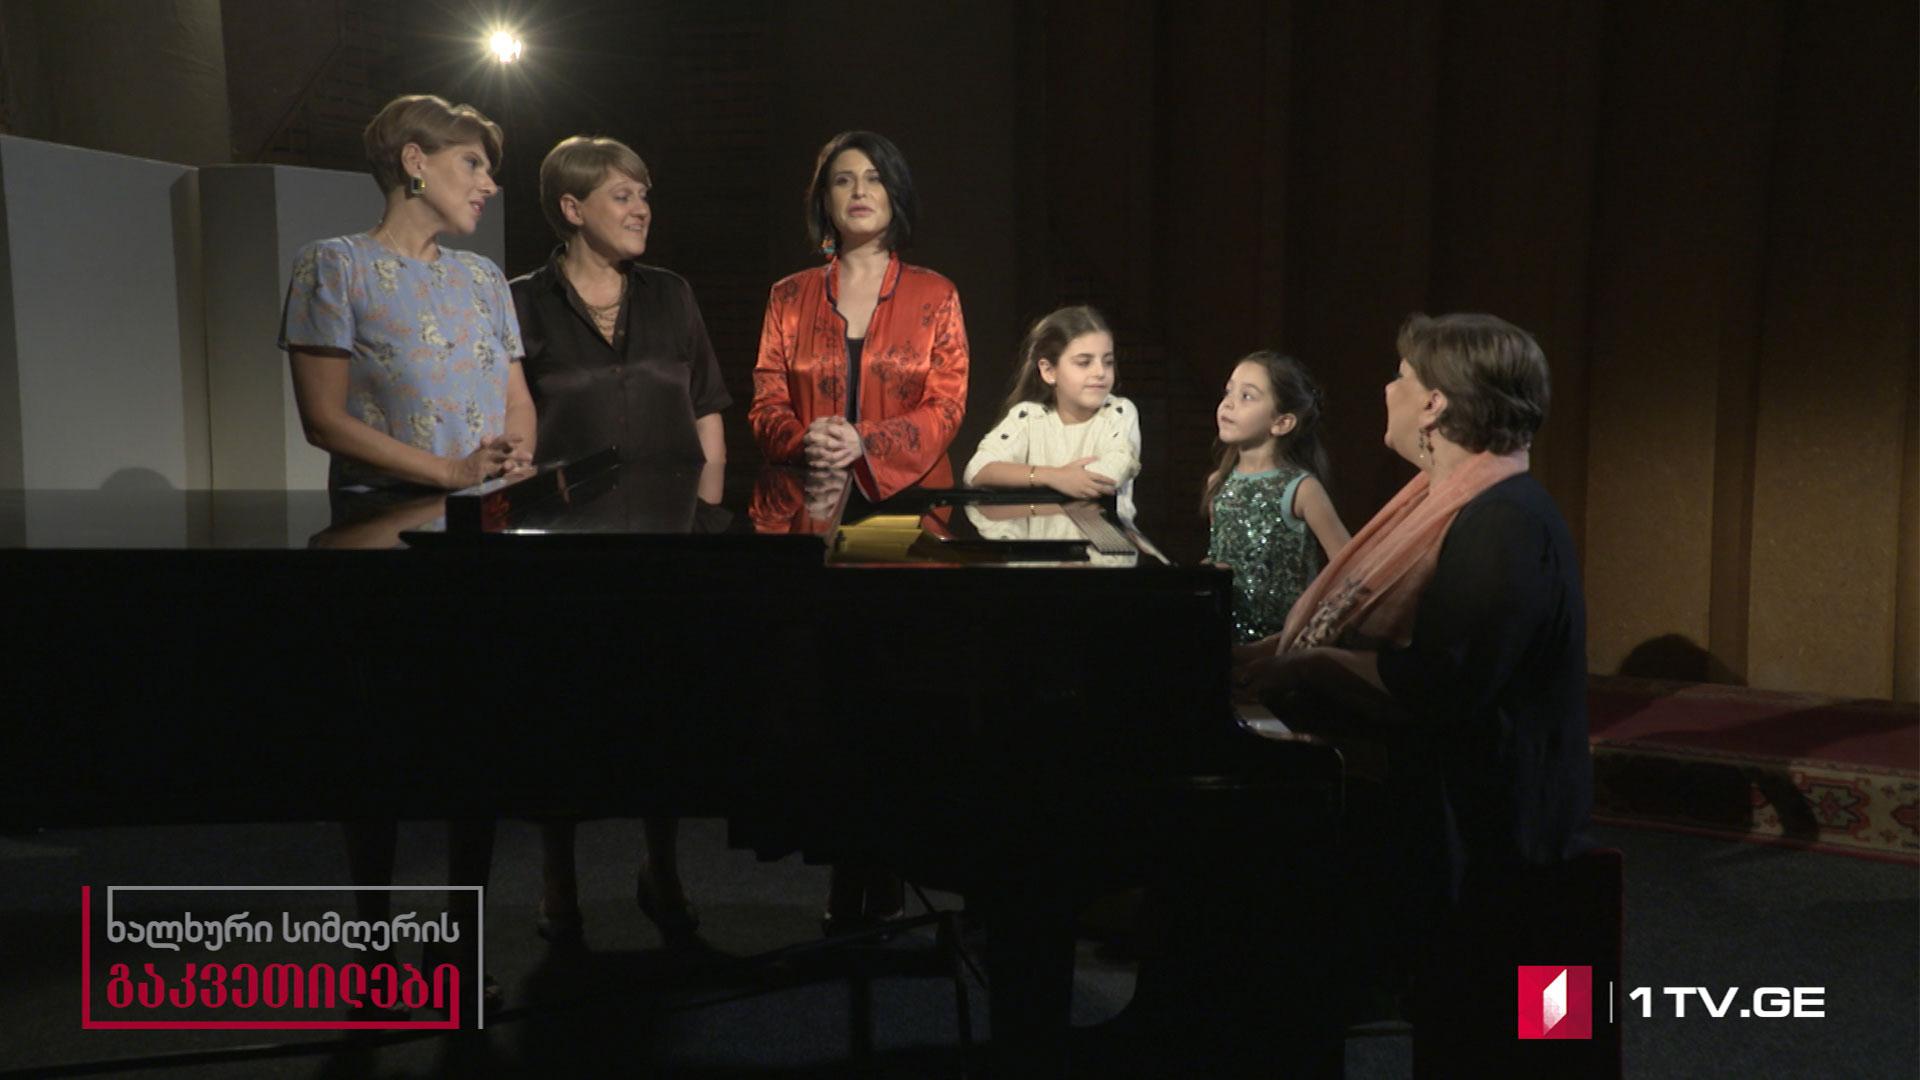 """ხალხური სიმღერის გაკვეთილები - ჭოხონელიძეების ოჯახი - """"გაზაფხული"""""""